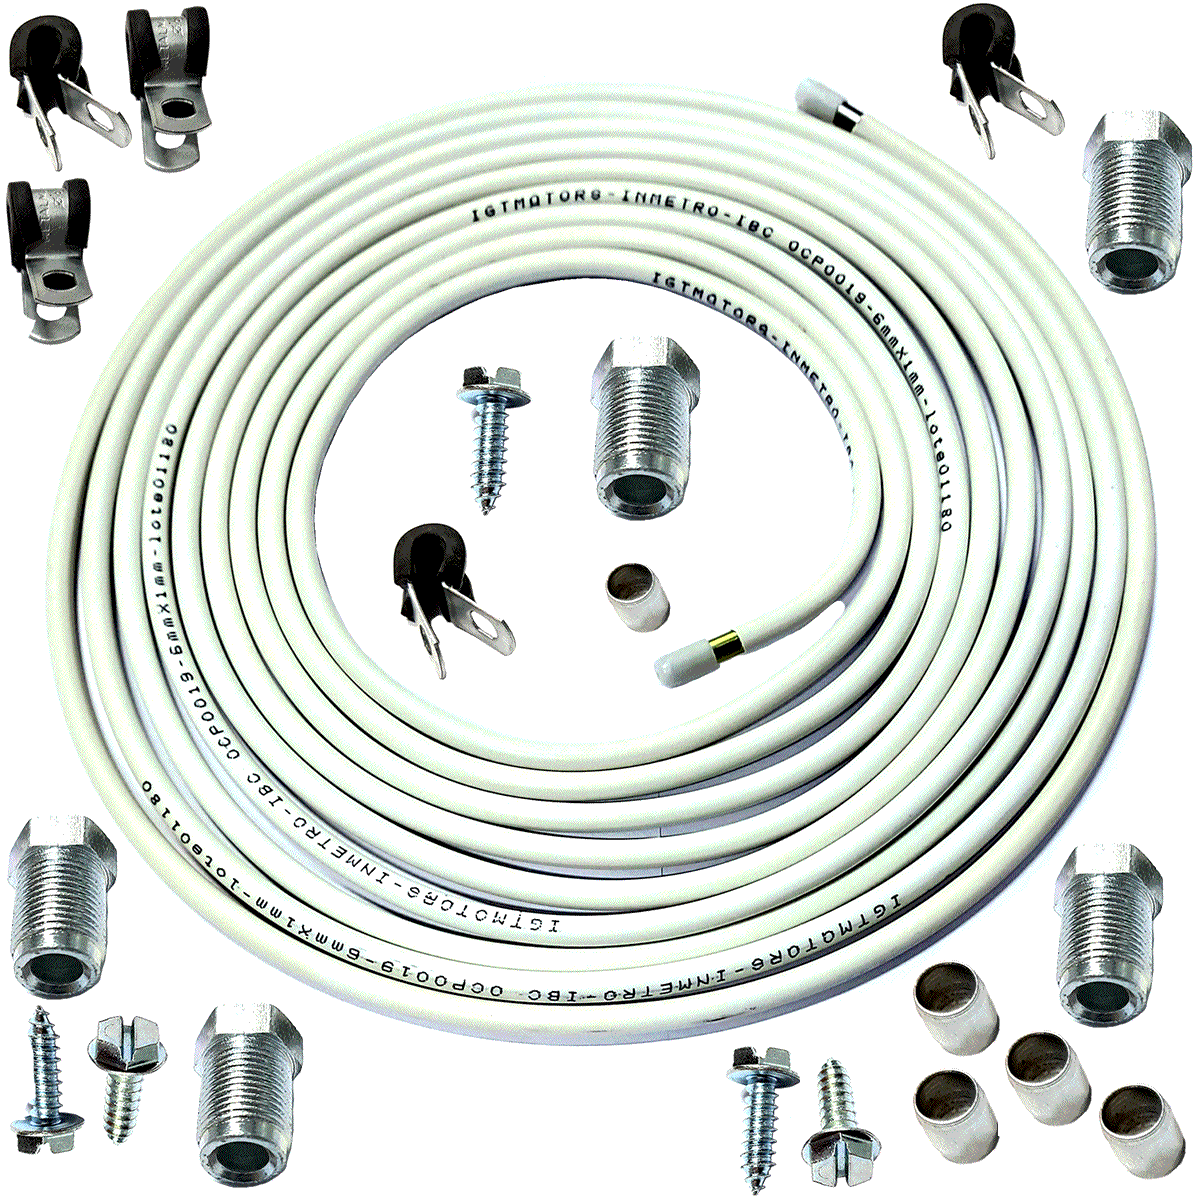 4 Kit Tubos de Alta GNV Revestido 4 Fixações e Conexões Cada